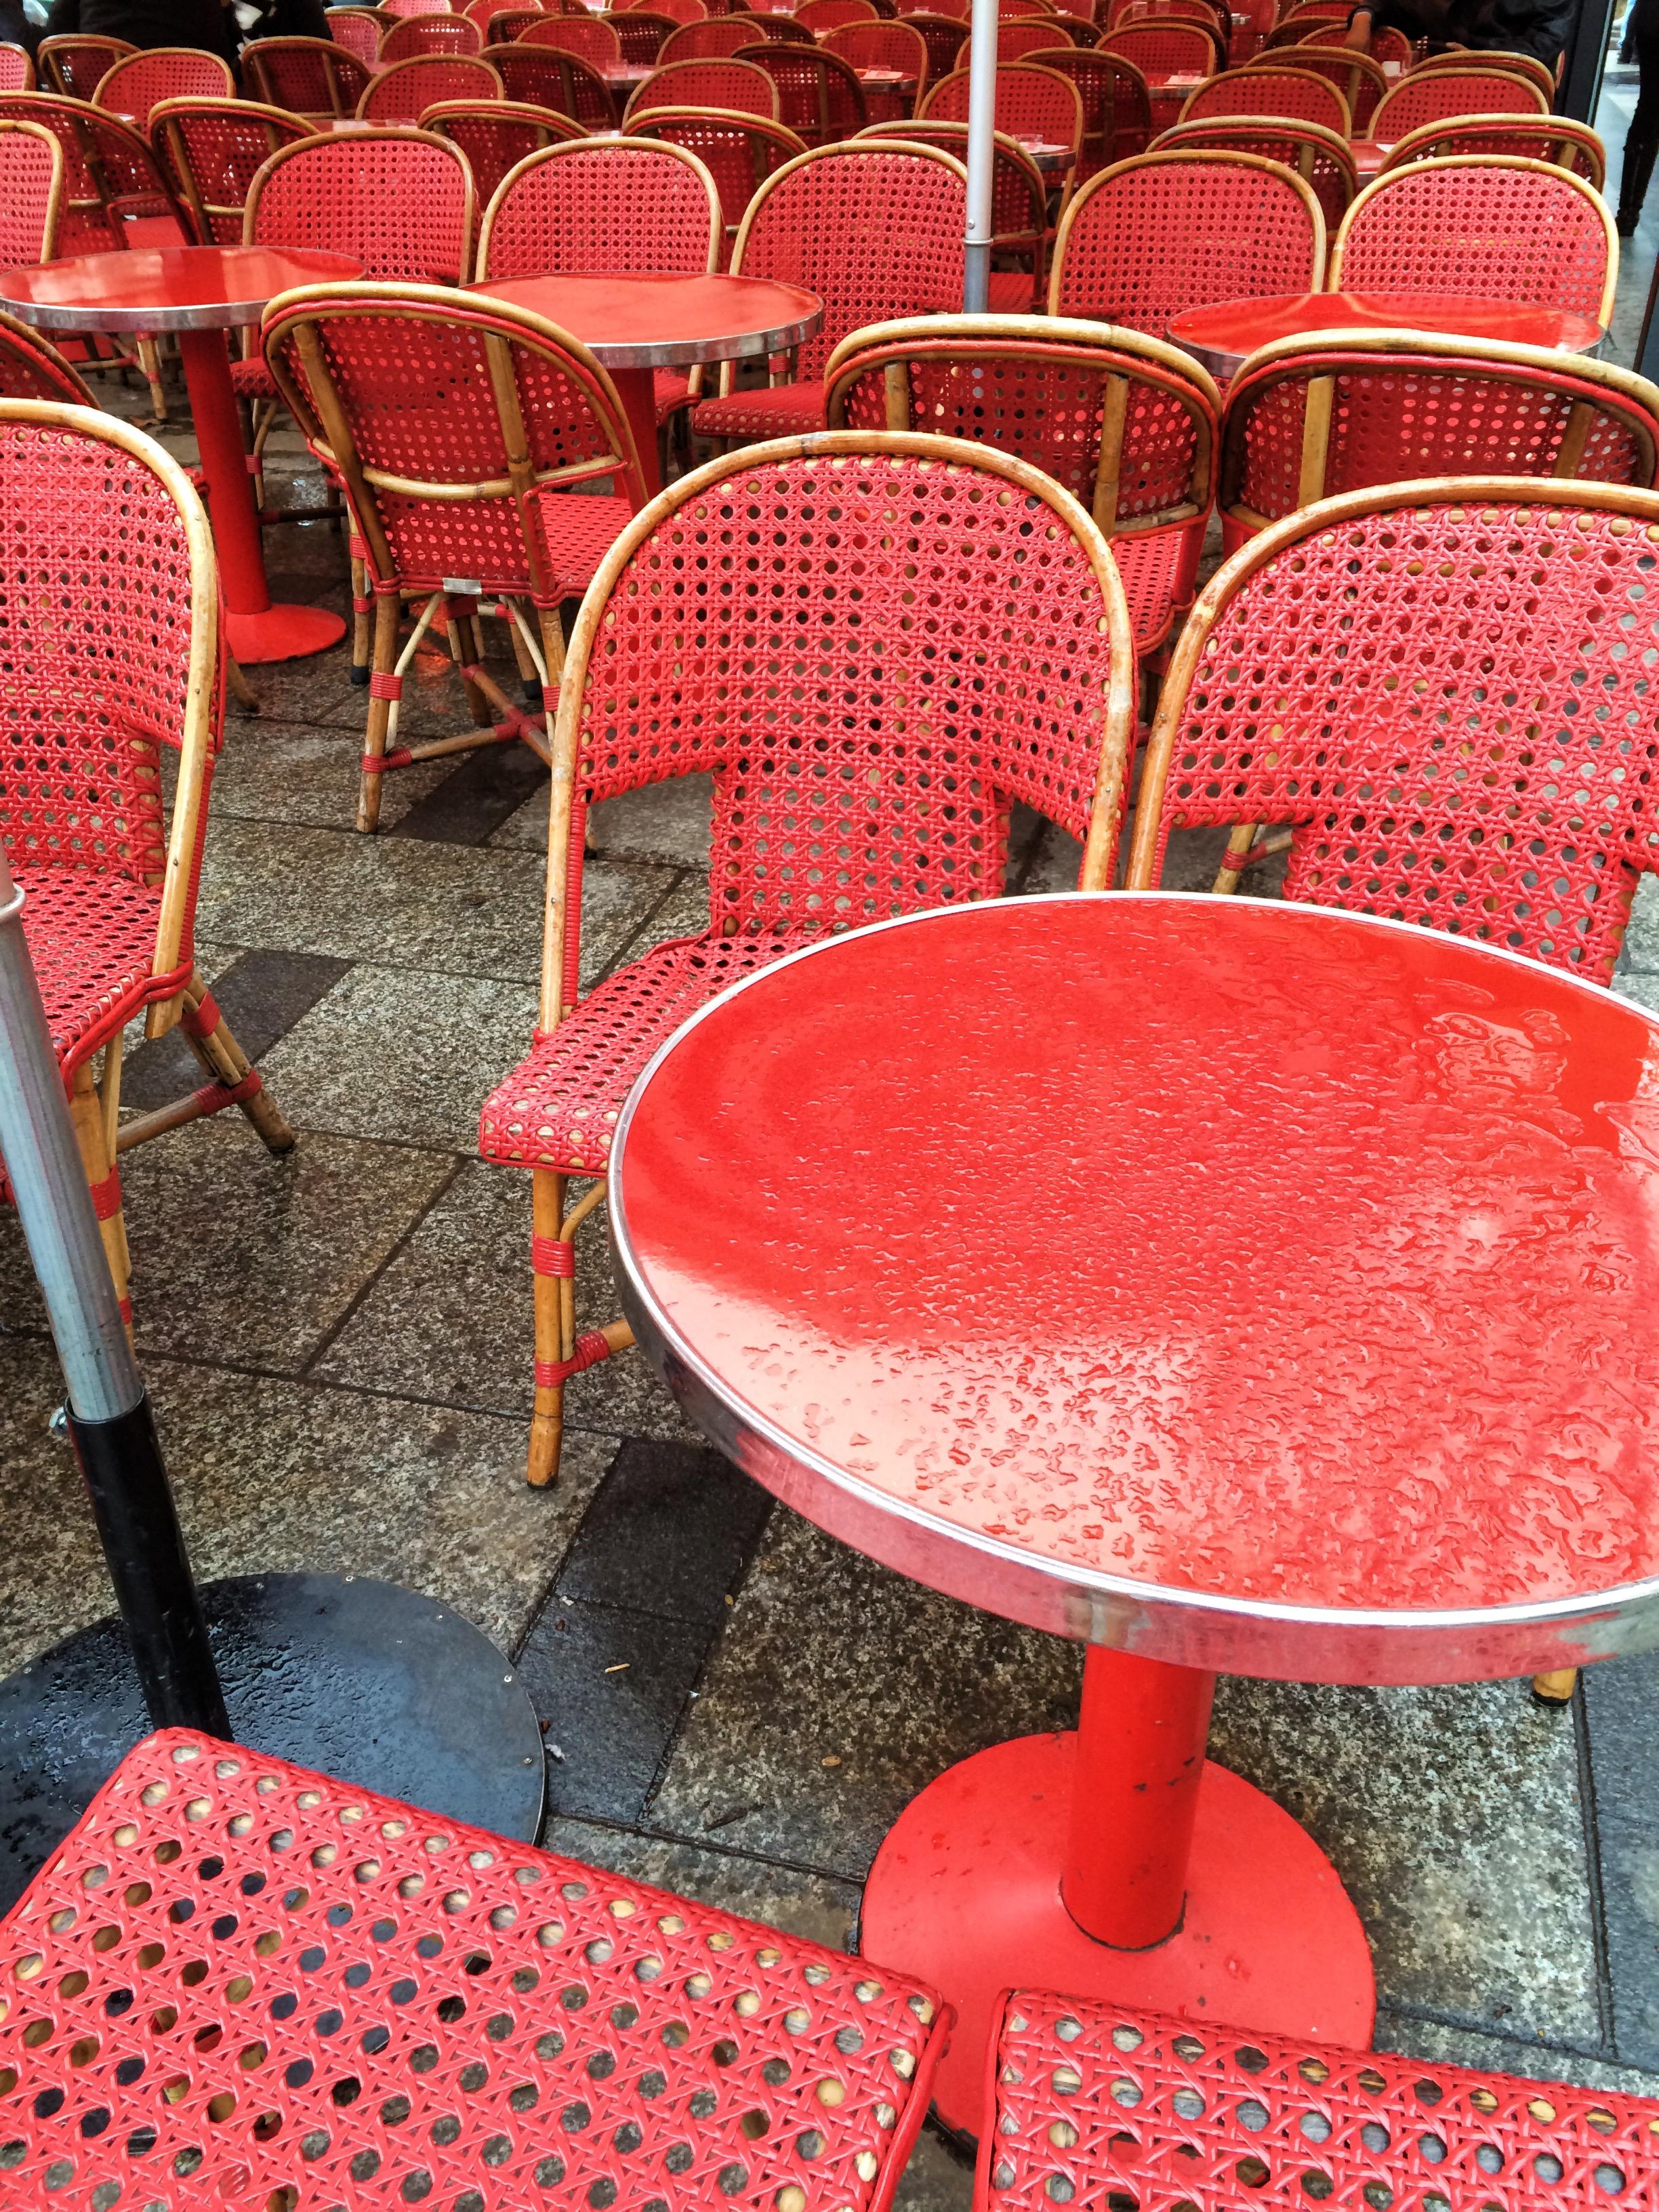 Paris   source: Alexis Rockley, Local (Tourist)